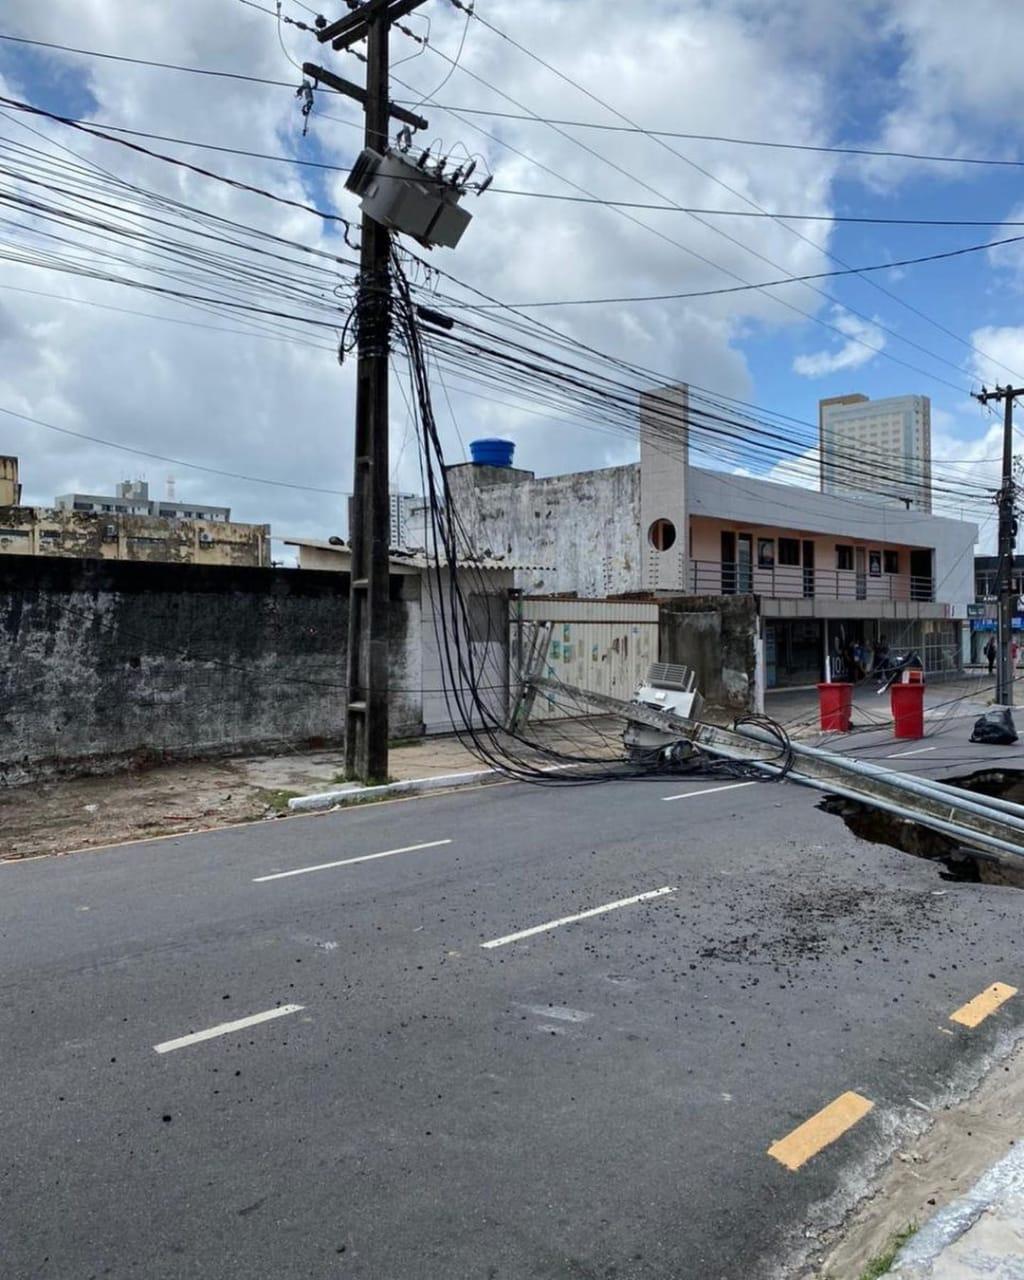 WhatsApp Image 2021 02 13 at 13.01.47 - TRANSTORNO NO TRÂNSITO: Após chuvas, asfalto cede, cria cratera gigante e poste de eletricidade cai na via - VEJA VÍDEO